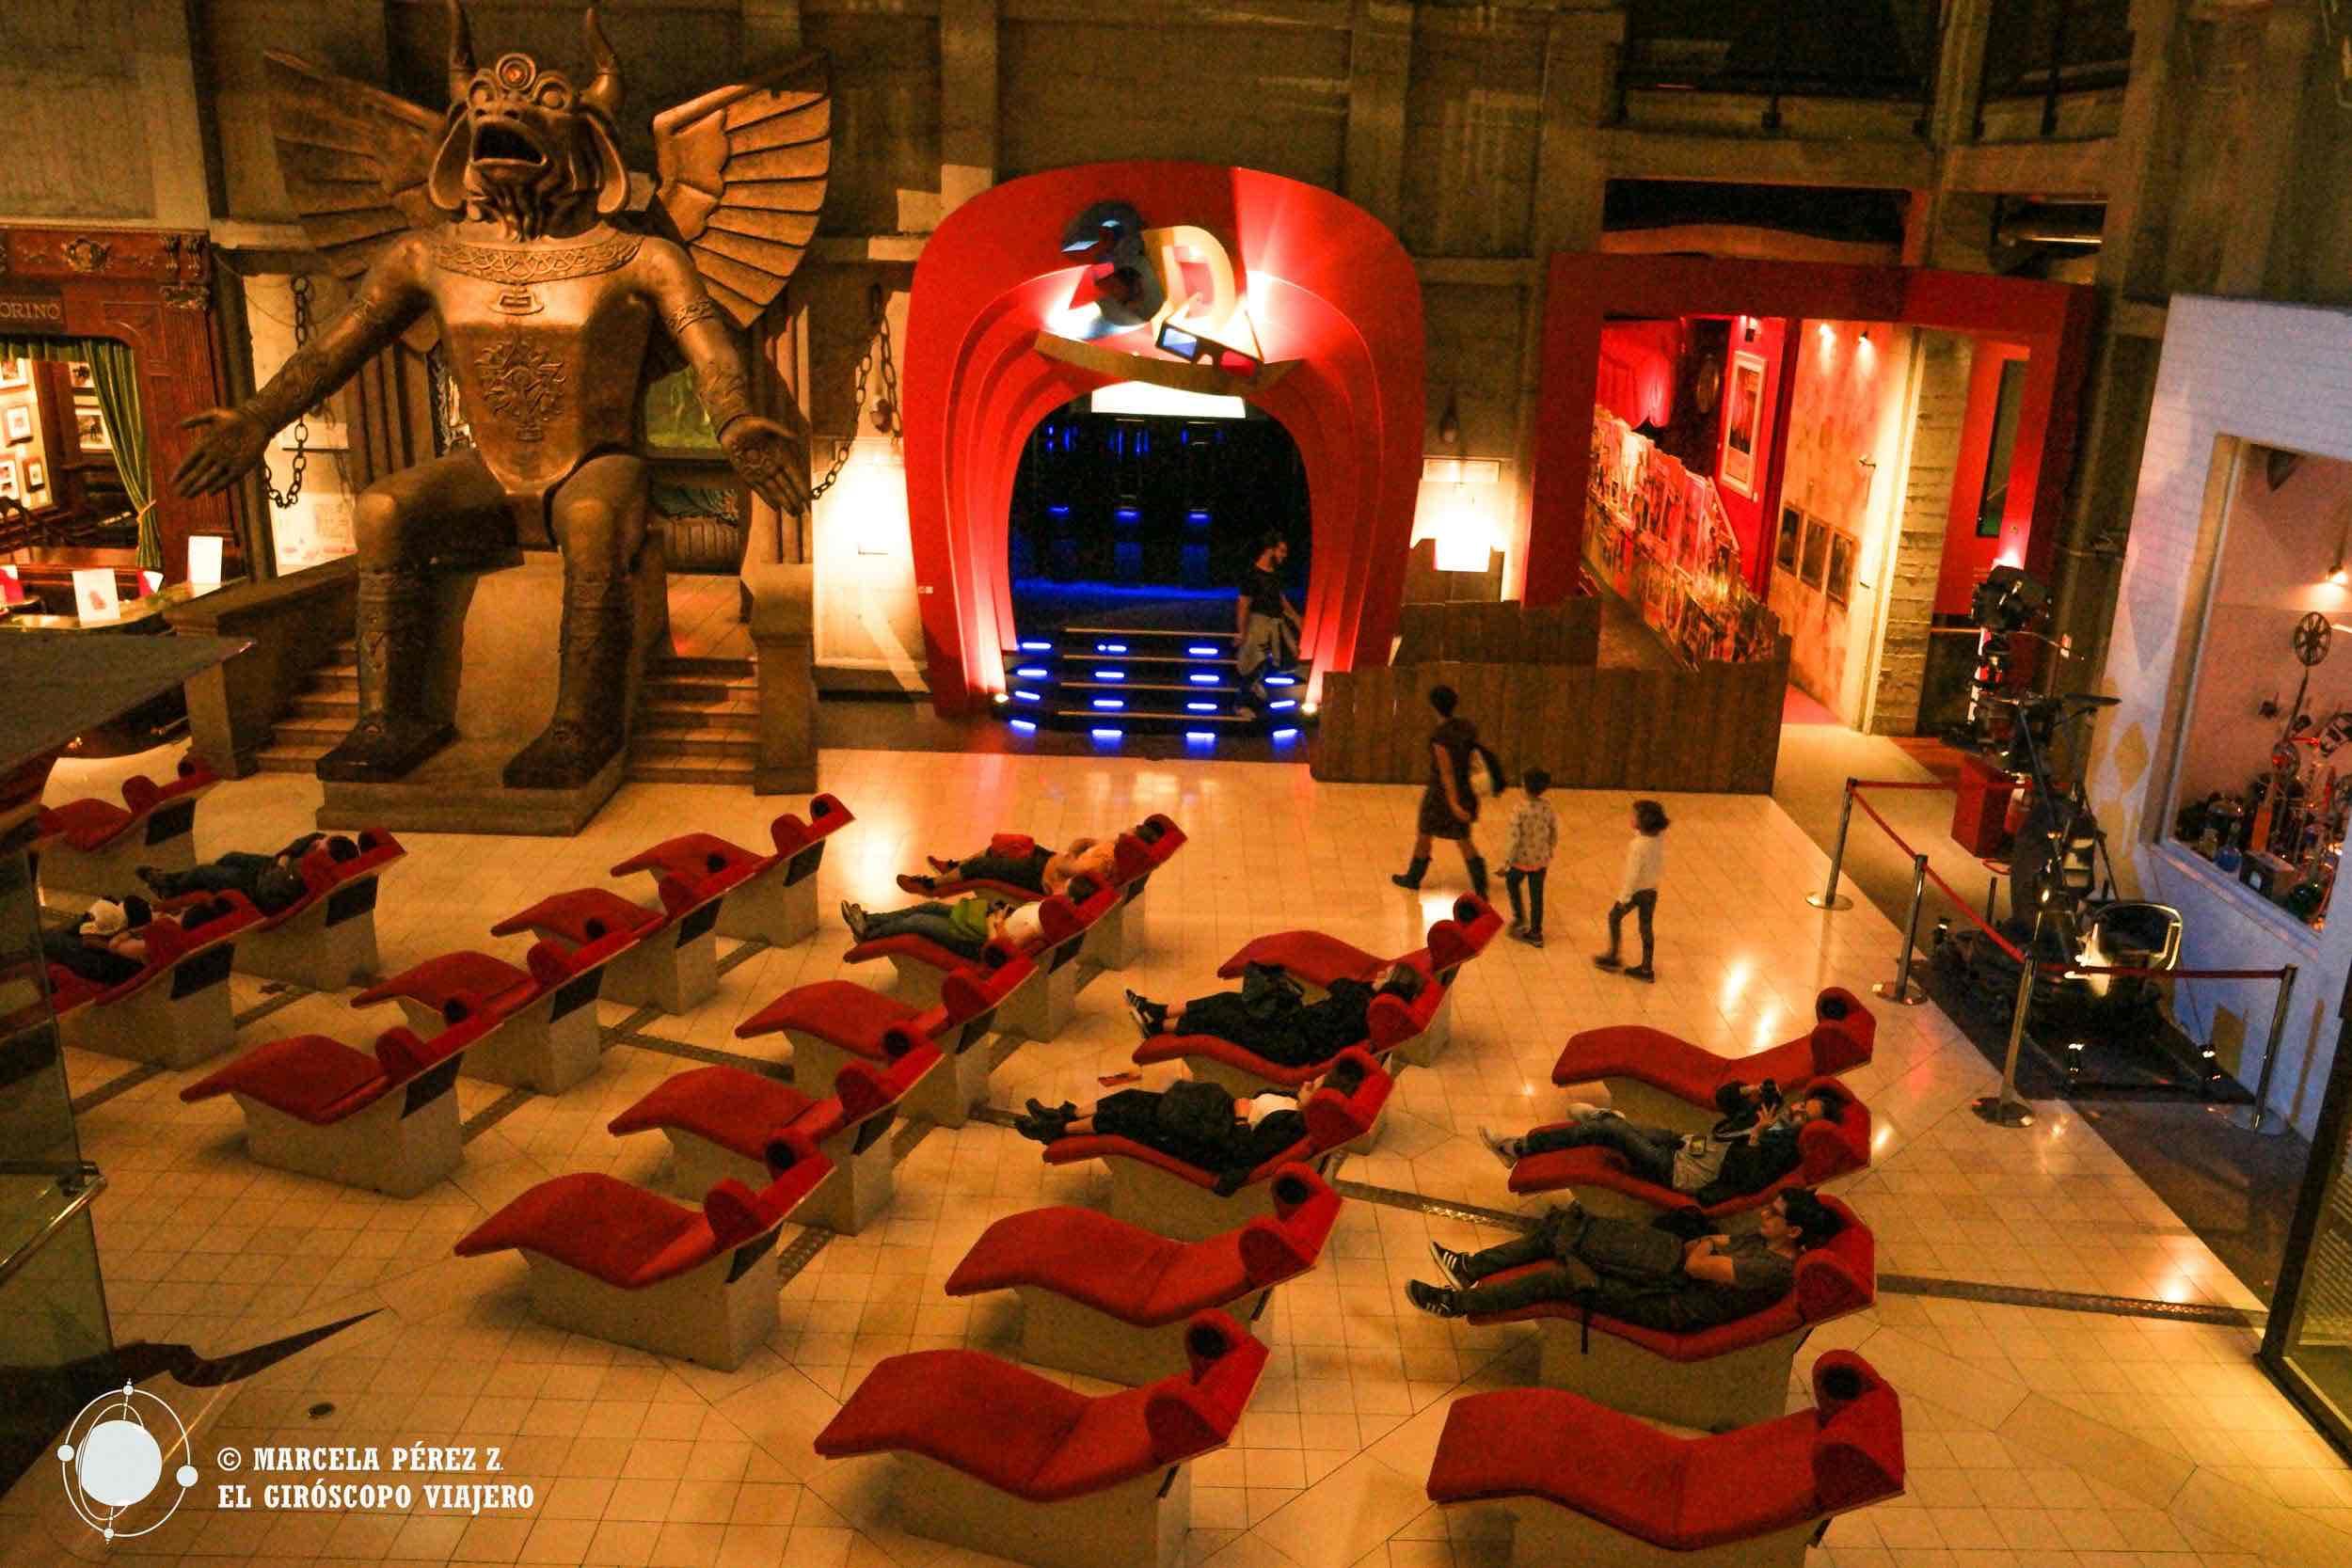 Una sala de cine en medio de la Mole Antonelliana para disfrutar algún filme mientras descansamos los pies